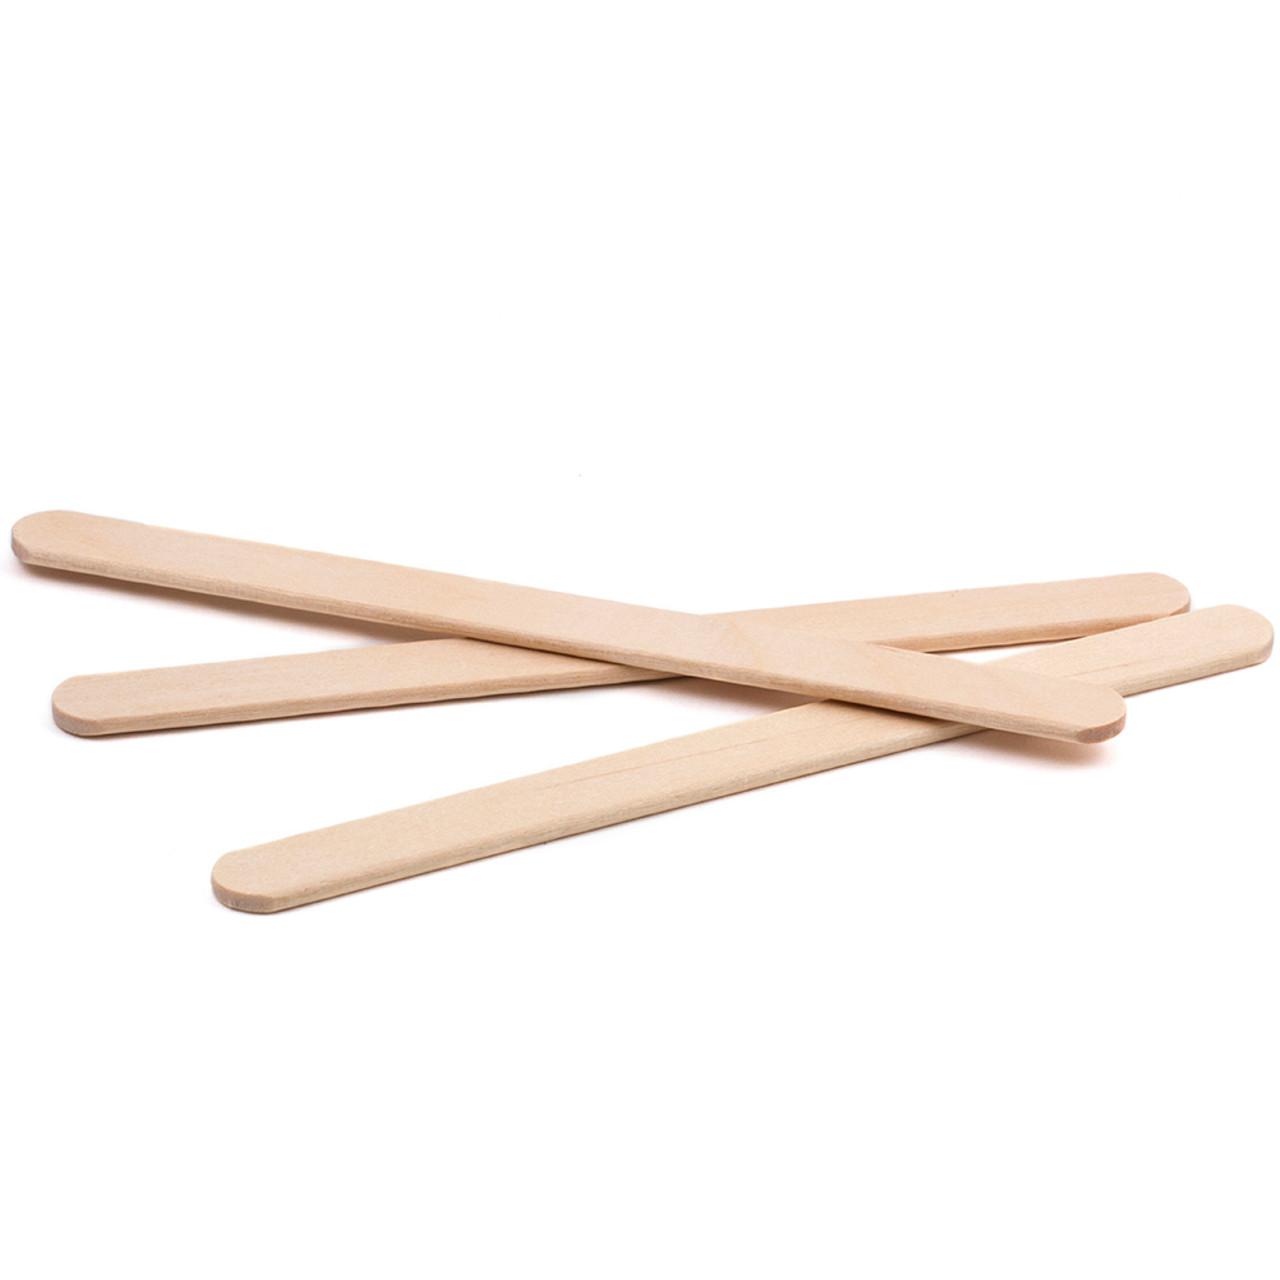 Skewers - Lollipop Sticks x100